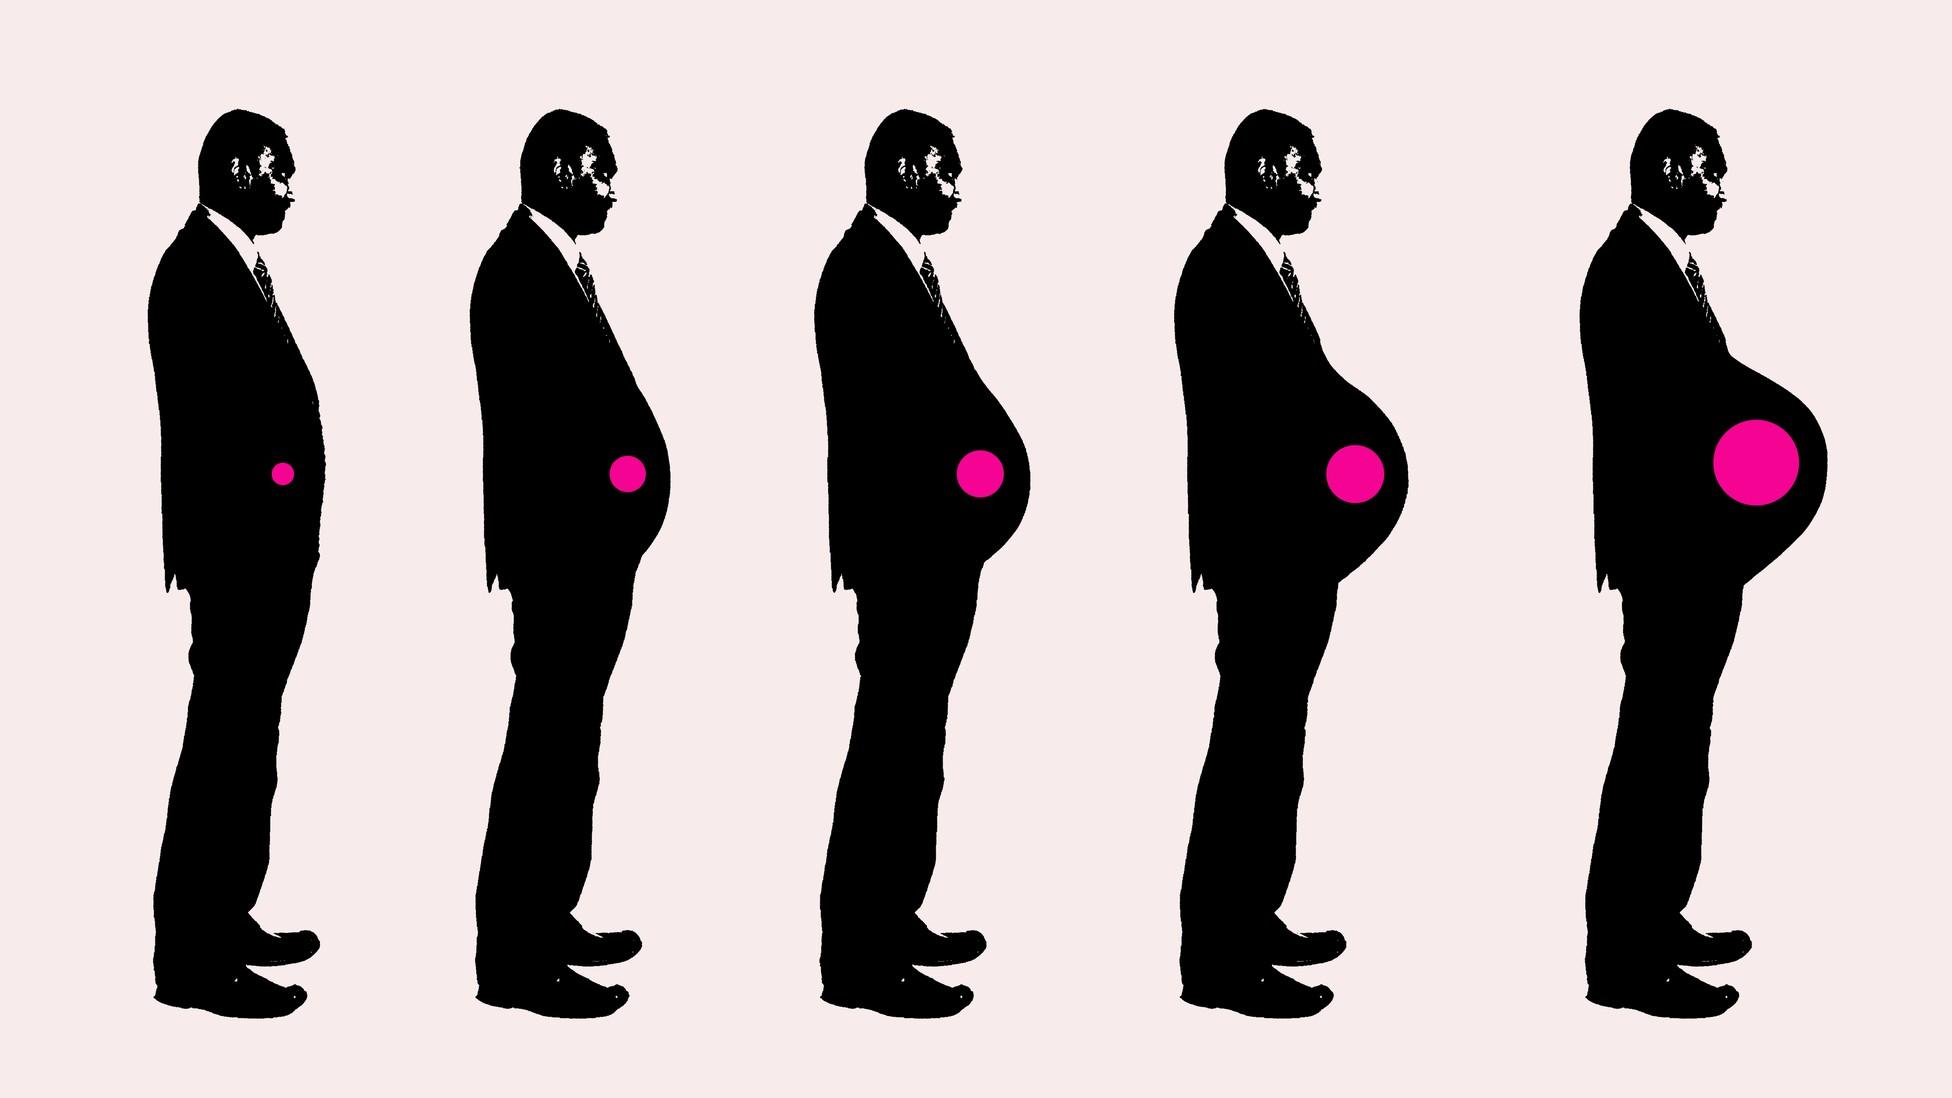 Mặc dù chưa có những nghiên cứu rõ ràng nhưng nam giới bị ảnh hưởng lúc vợ mang thai. Ảnh: Atlantic.